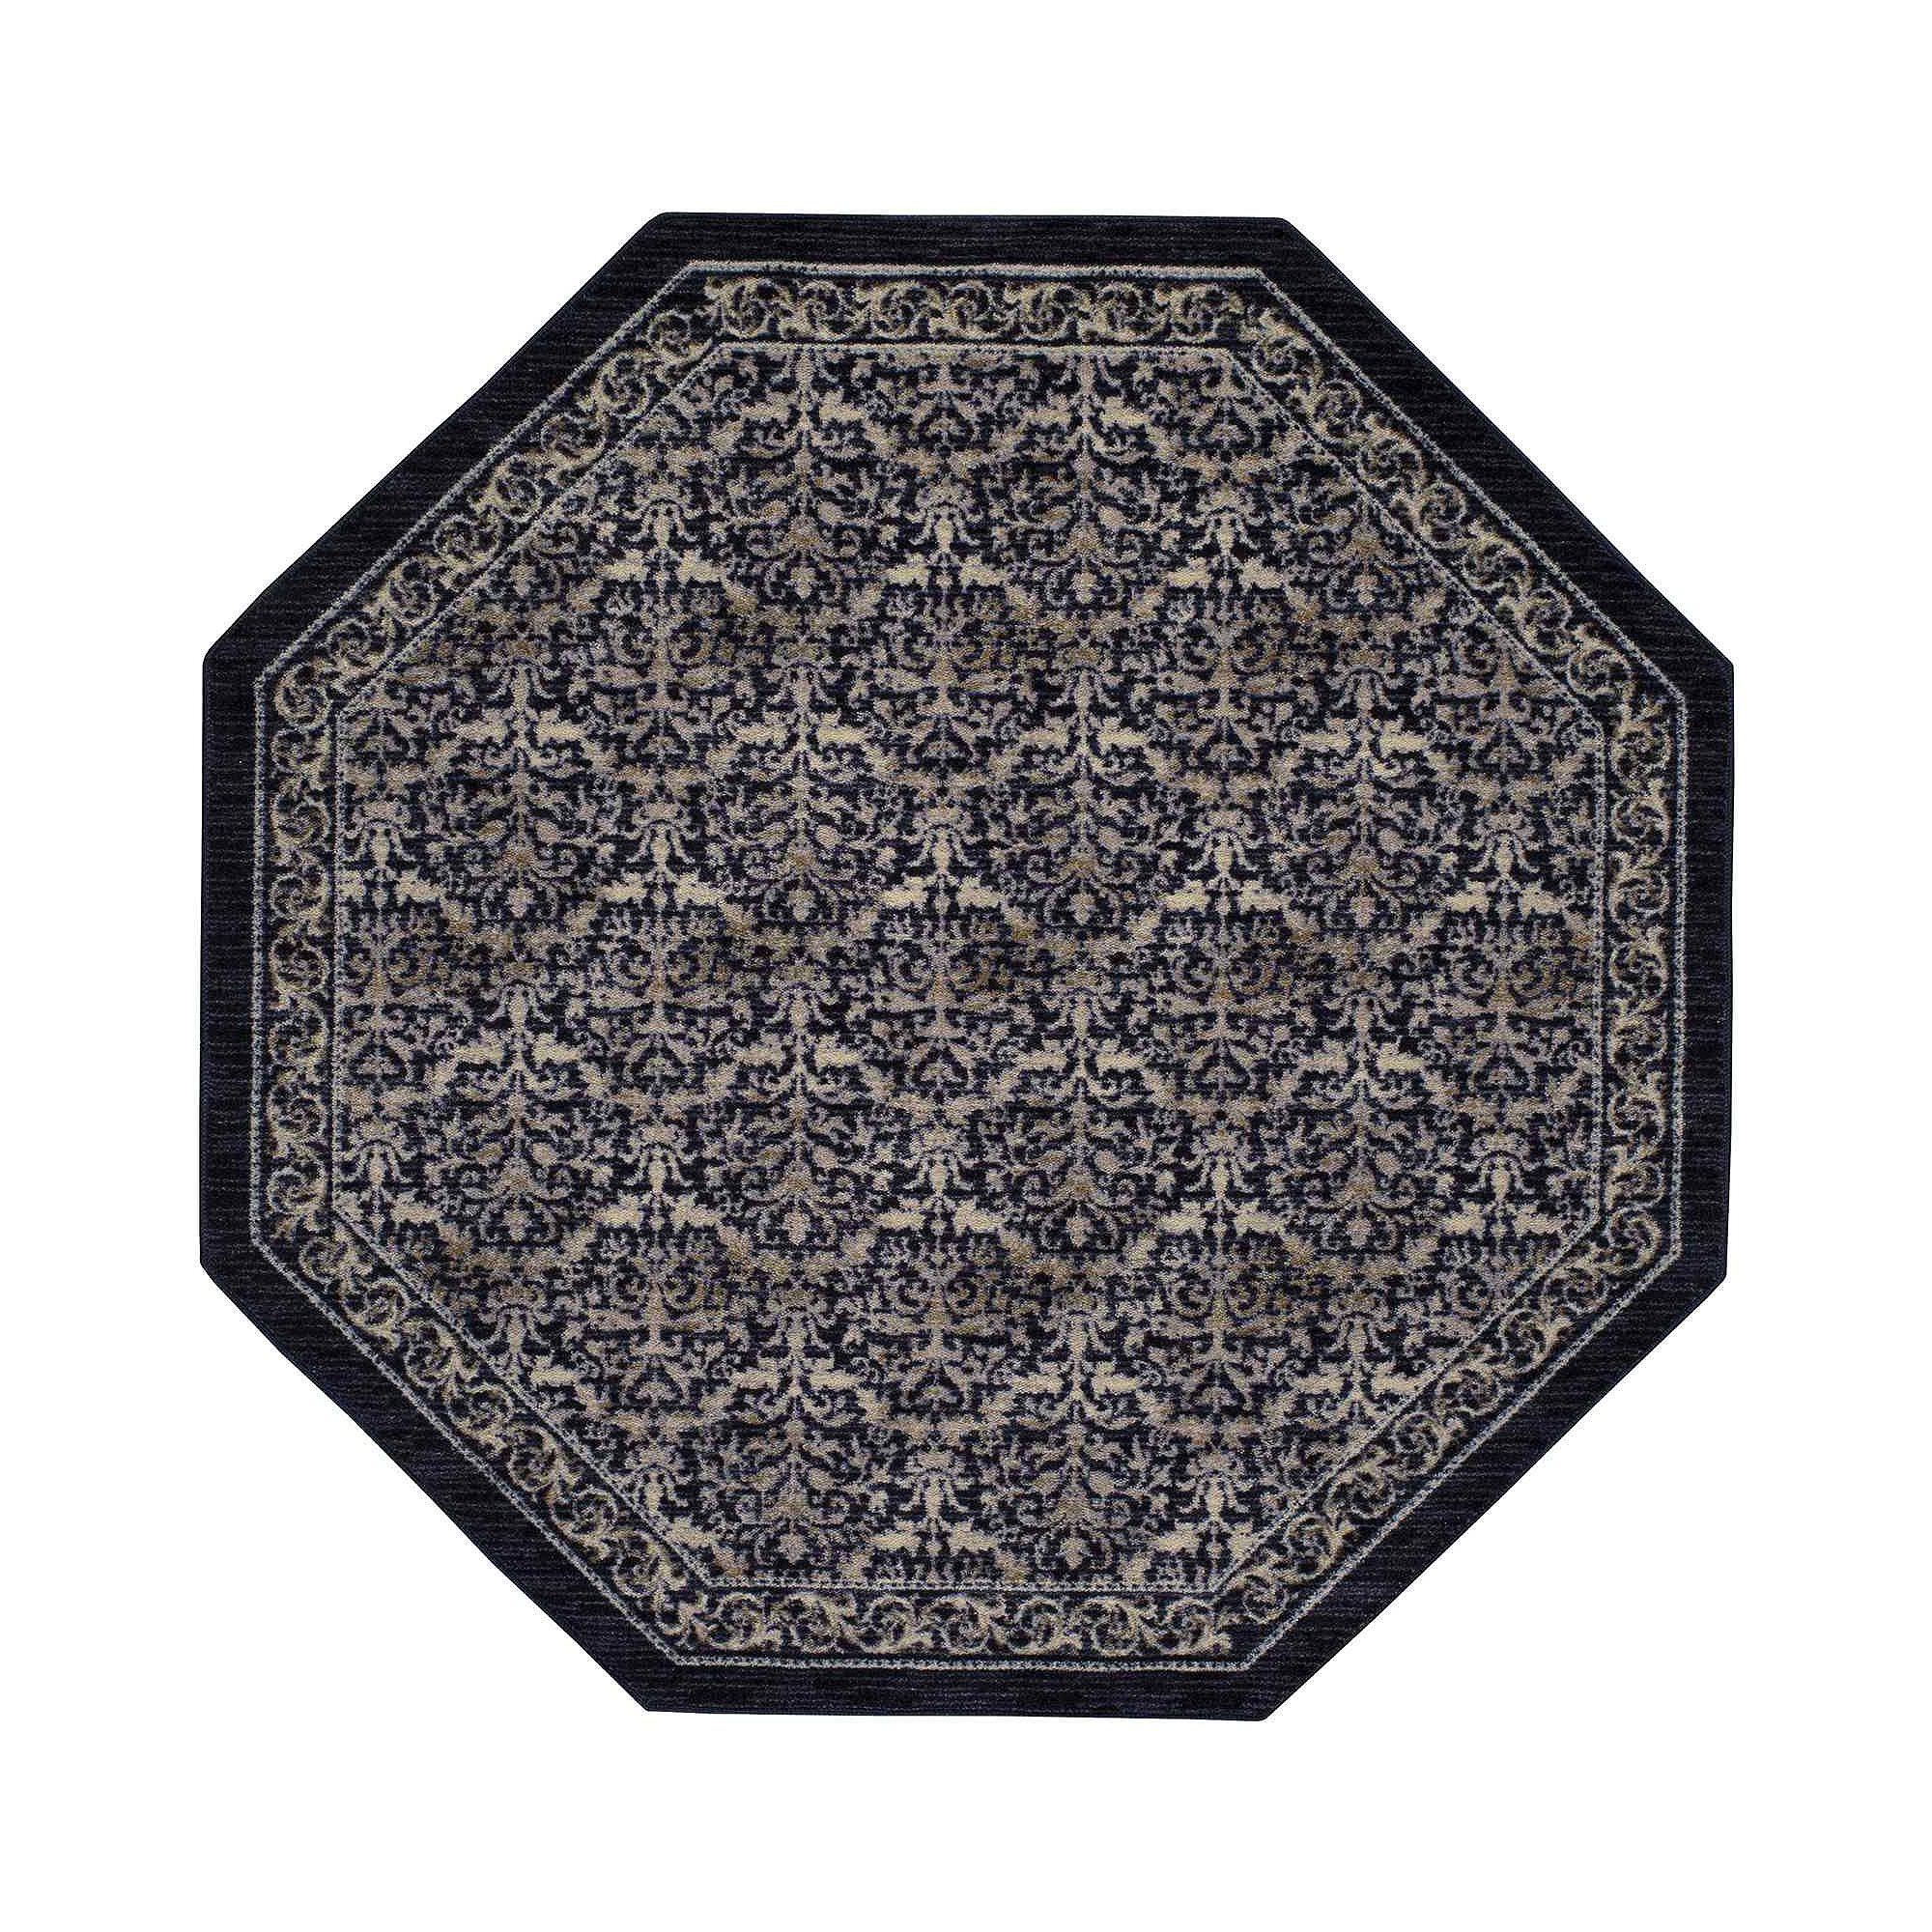 Annadale 5' Octagonal Rug